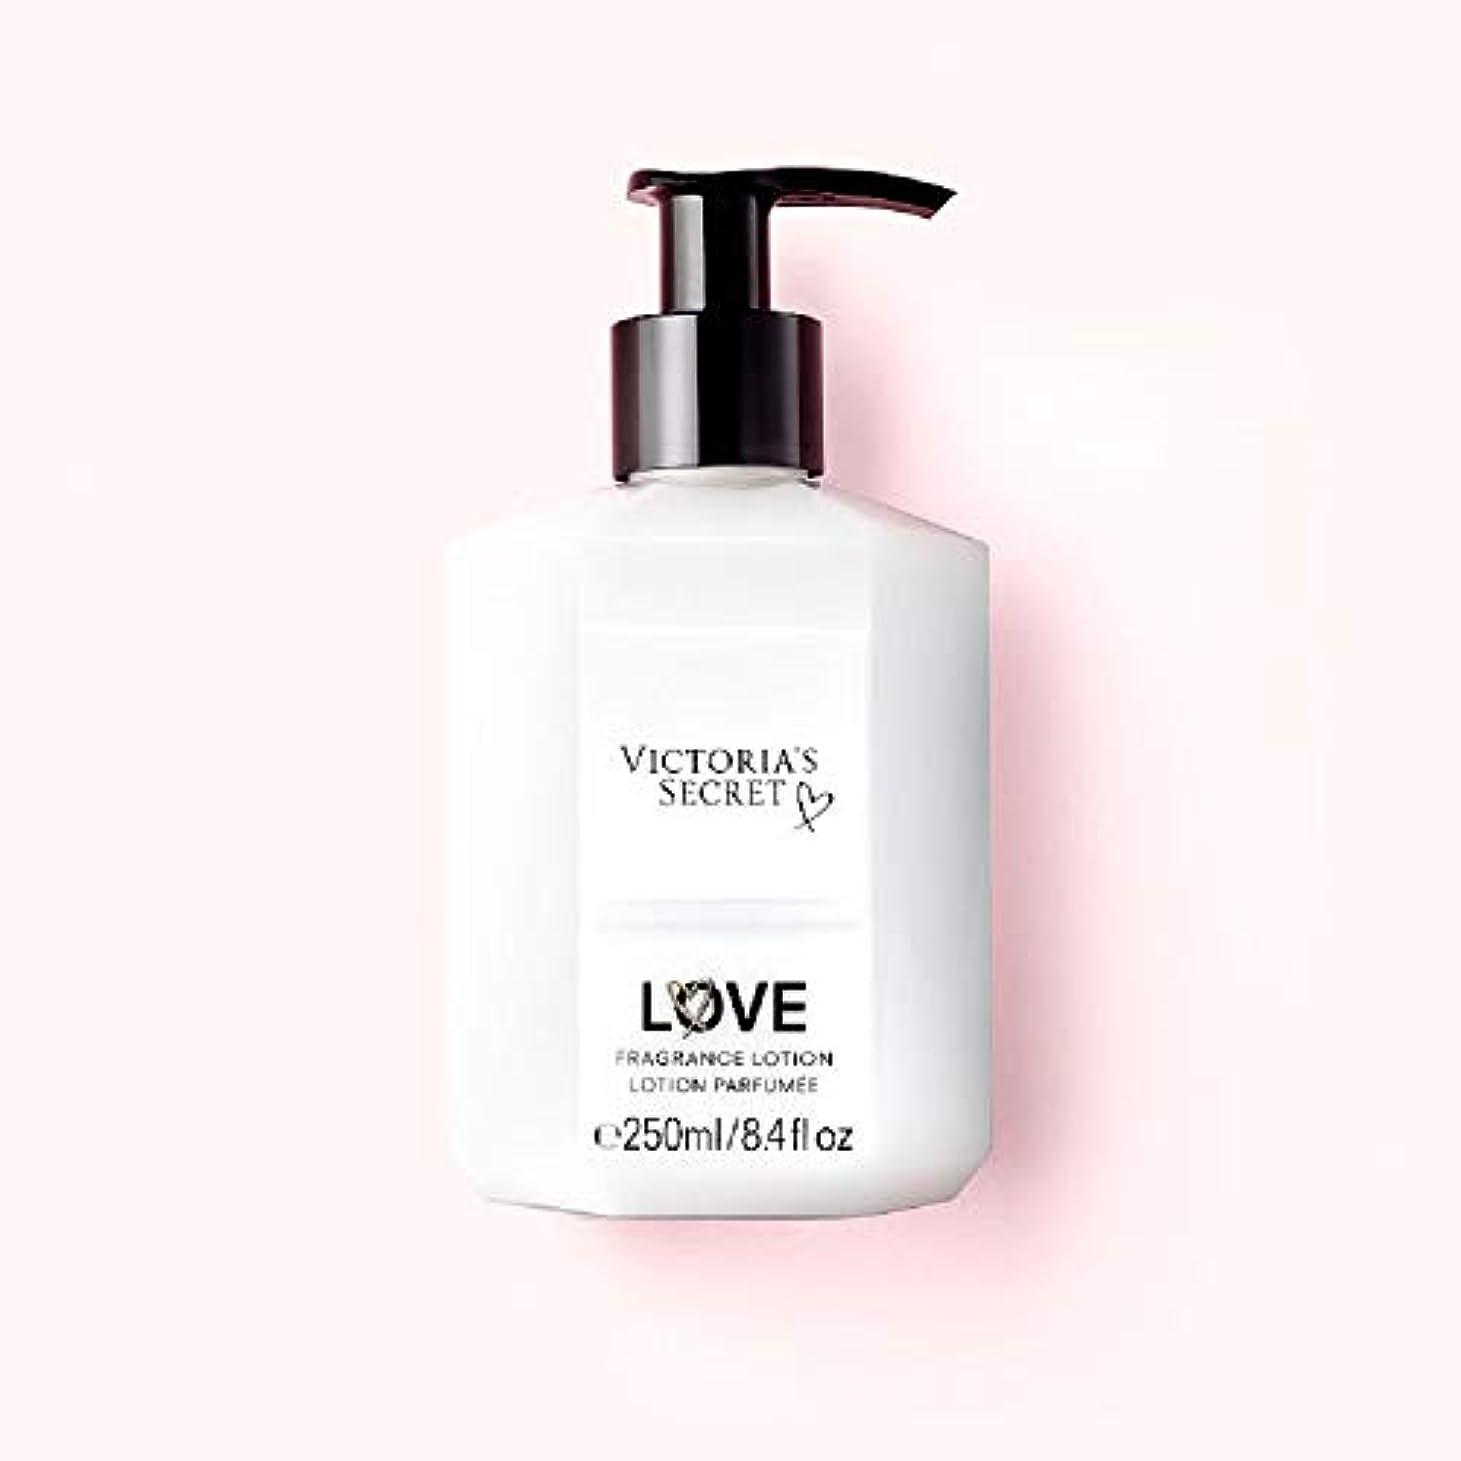 穴反応するキャプテンフレグランスローション FragranceLotion ヴィクトリアズシークレット Victoria'sSecret (3.ラヴ/LOVE) [並行輸入品]